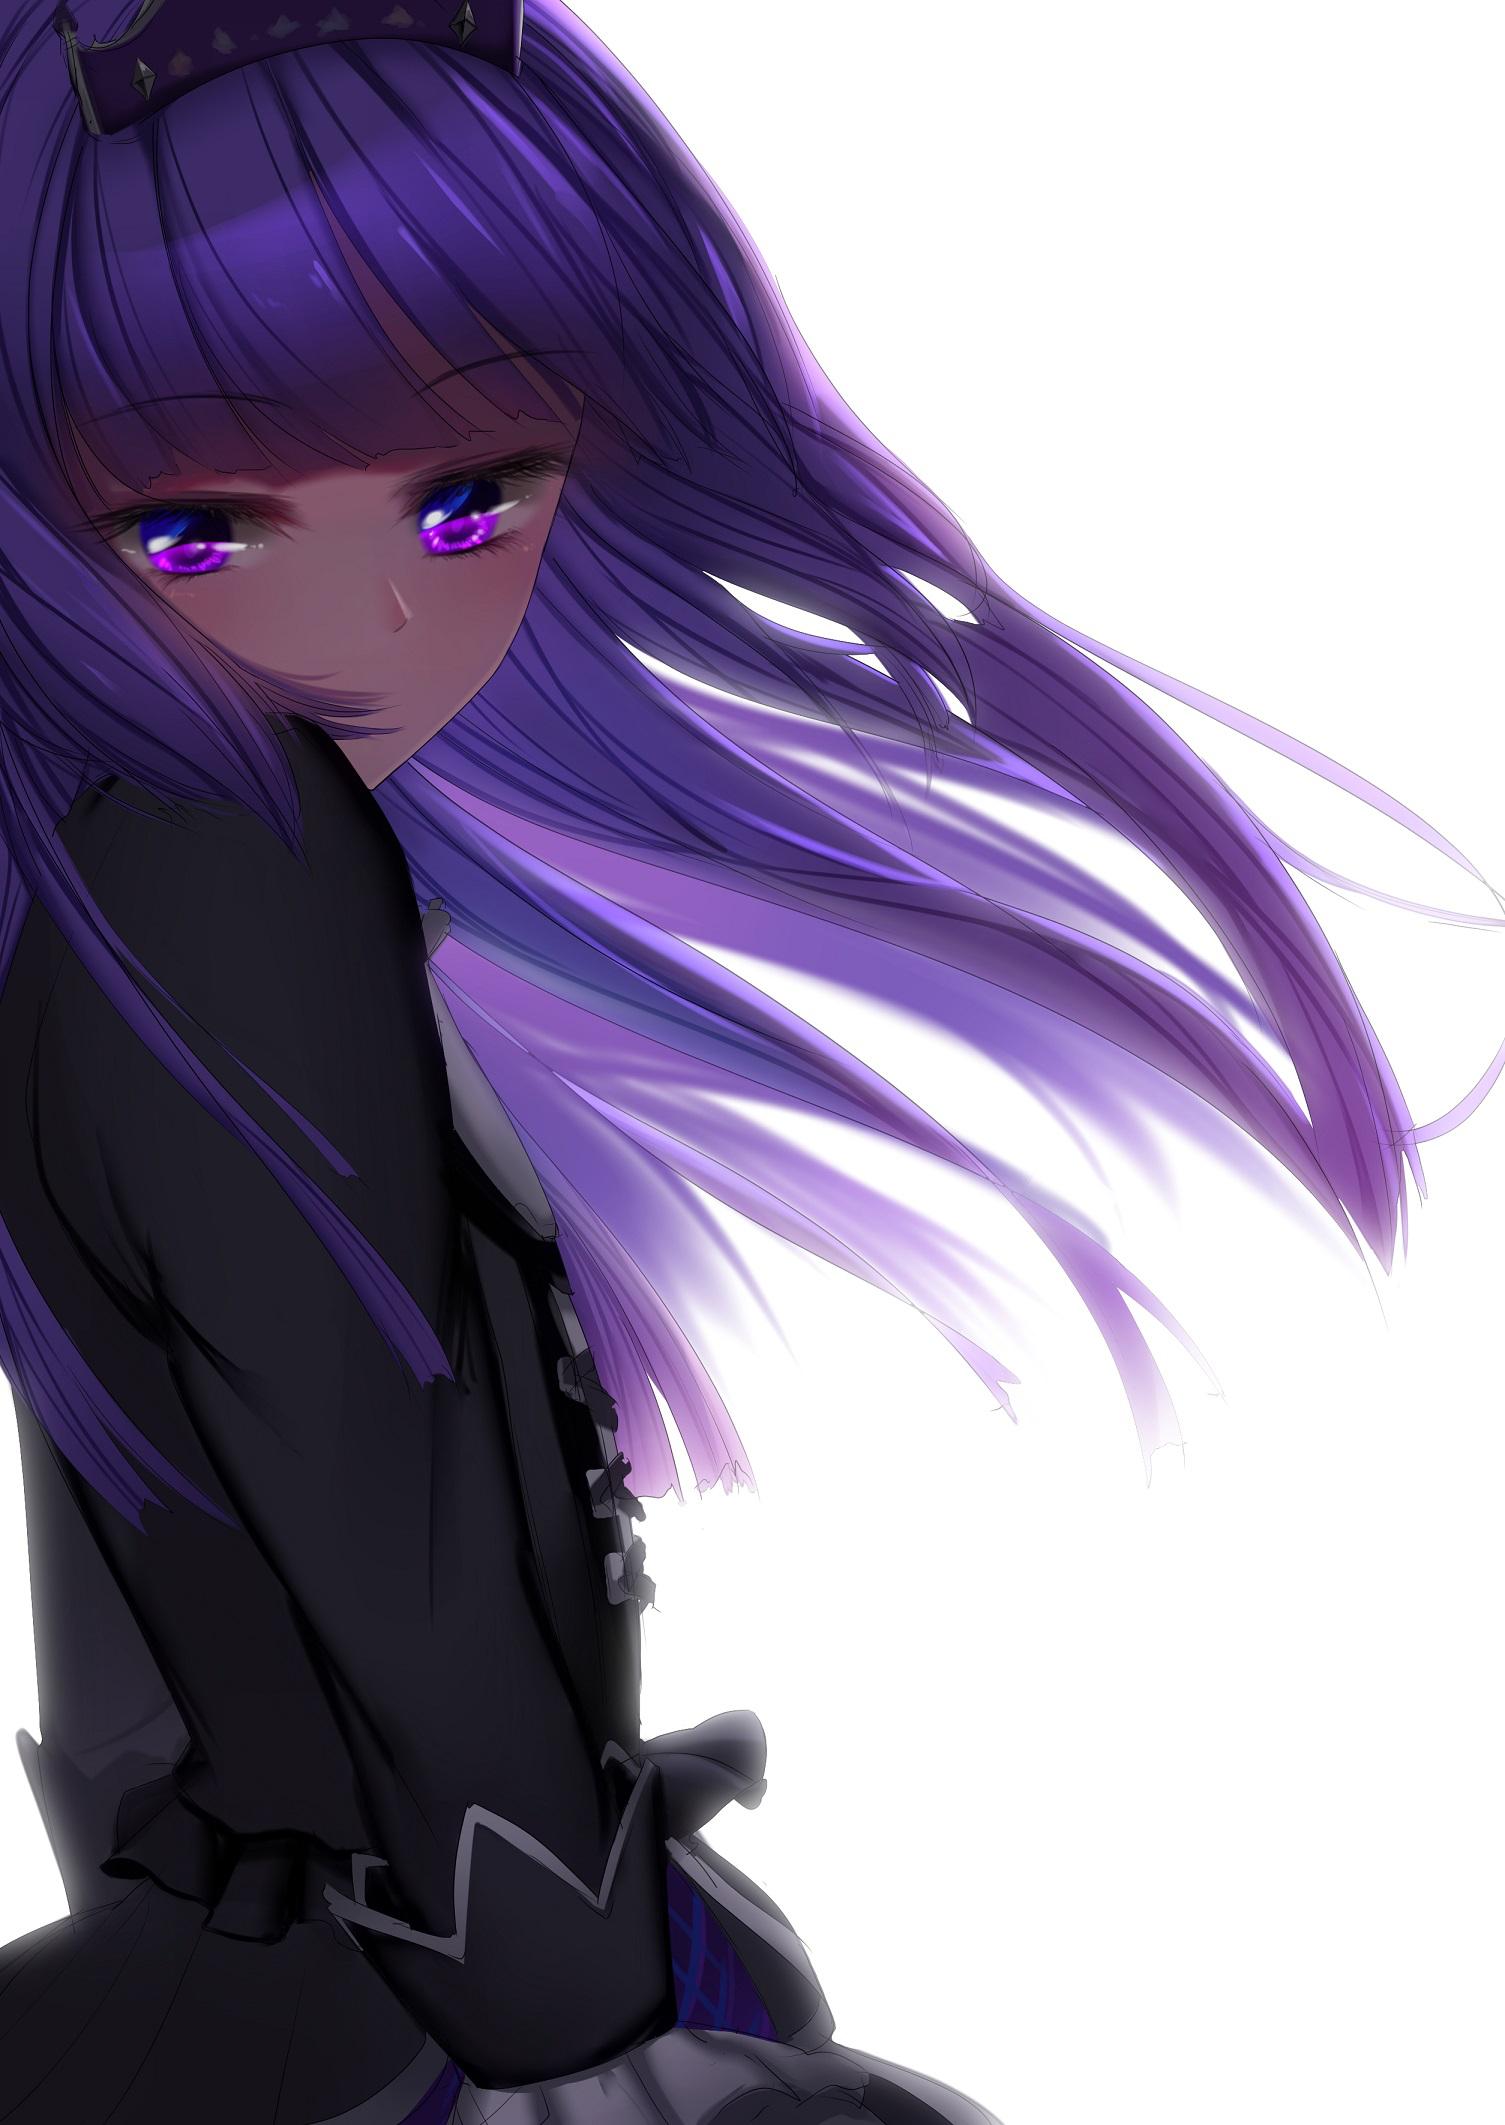 Картинки девушка с фиолетовыми волосами аниме